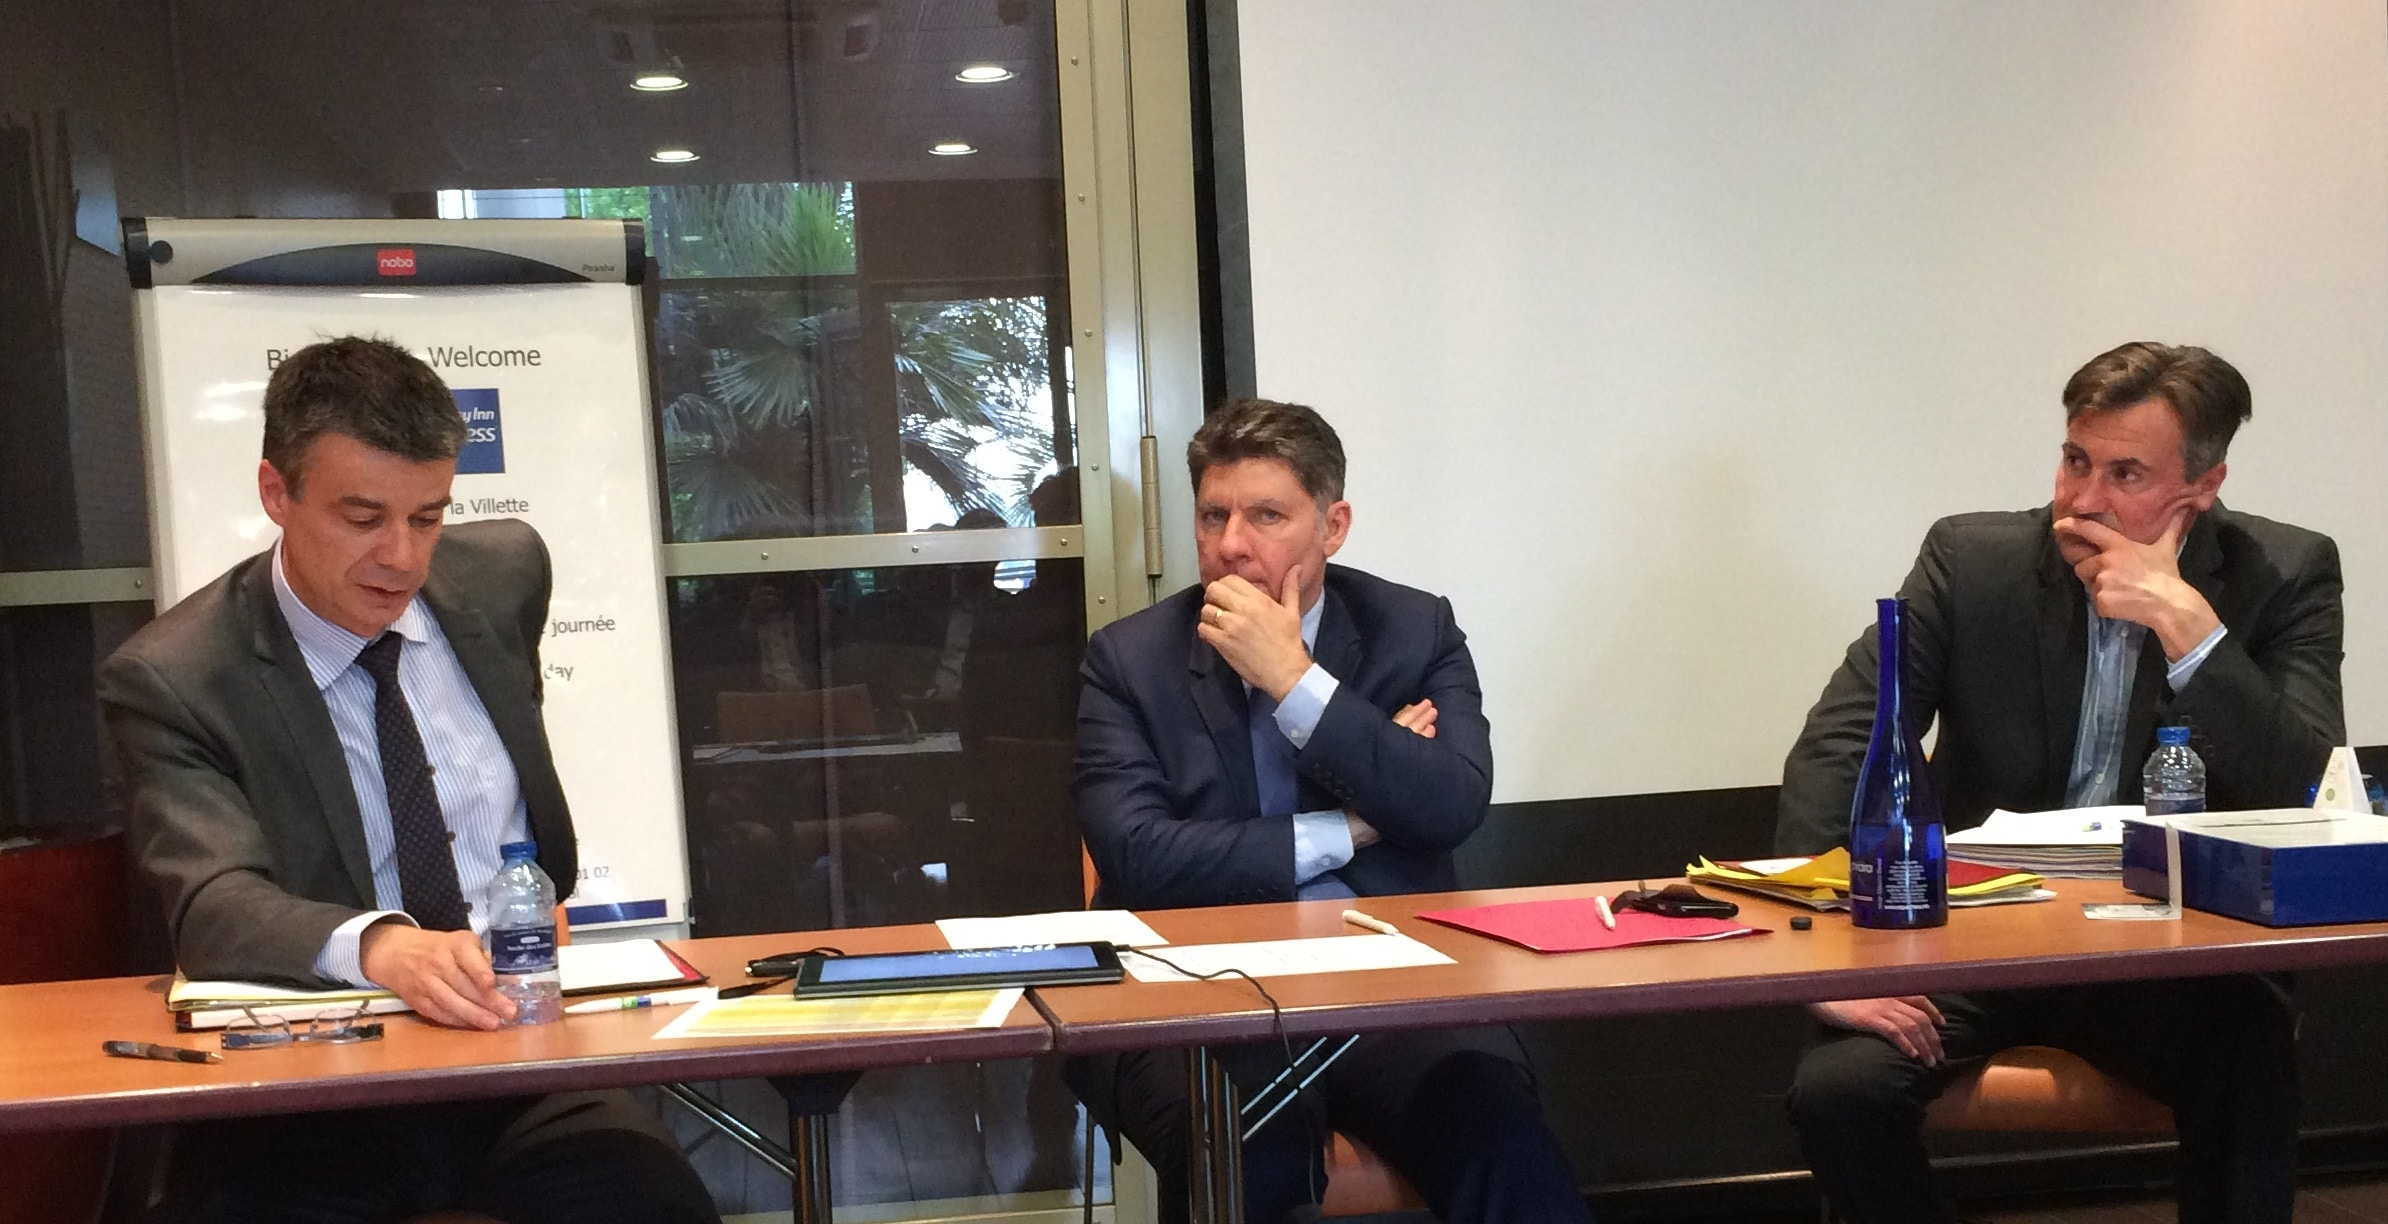 De gauche à droite : Yannick BORDE, Philippe PETIOT et Sylvain MANDRILLON